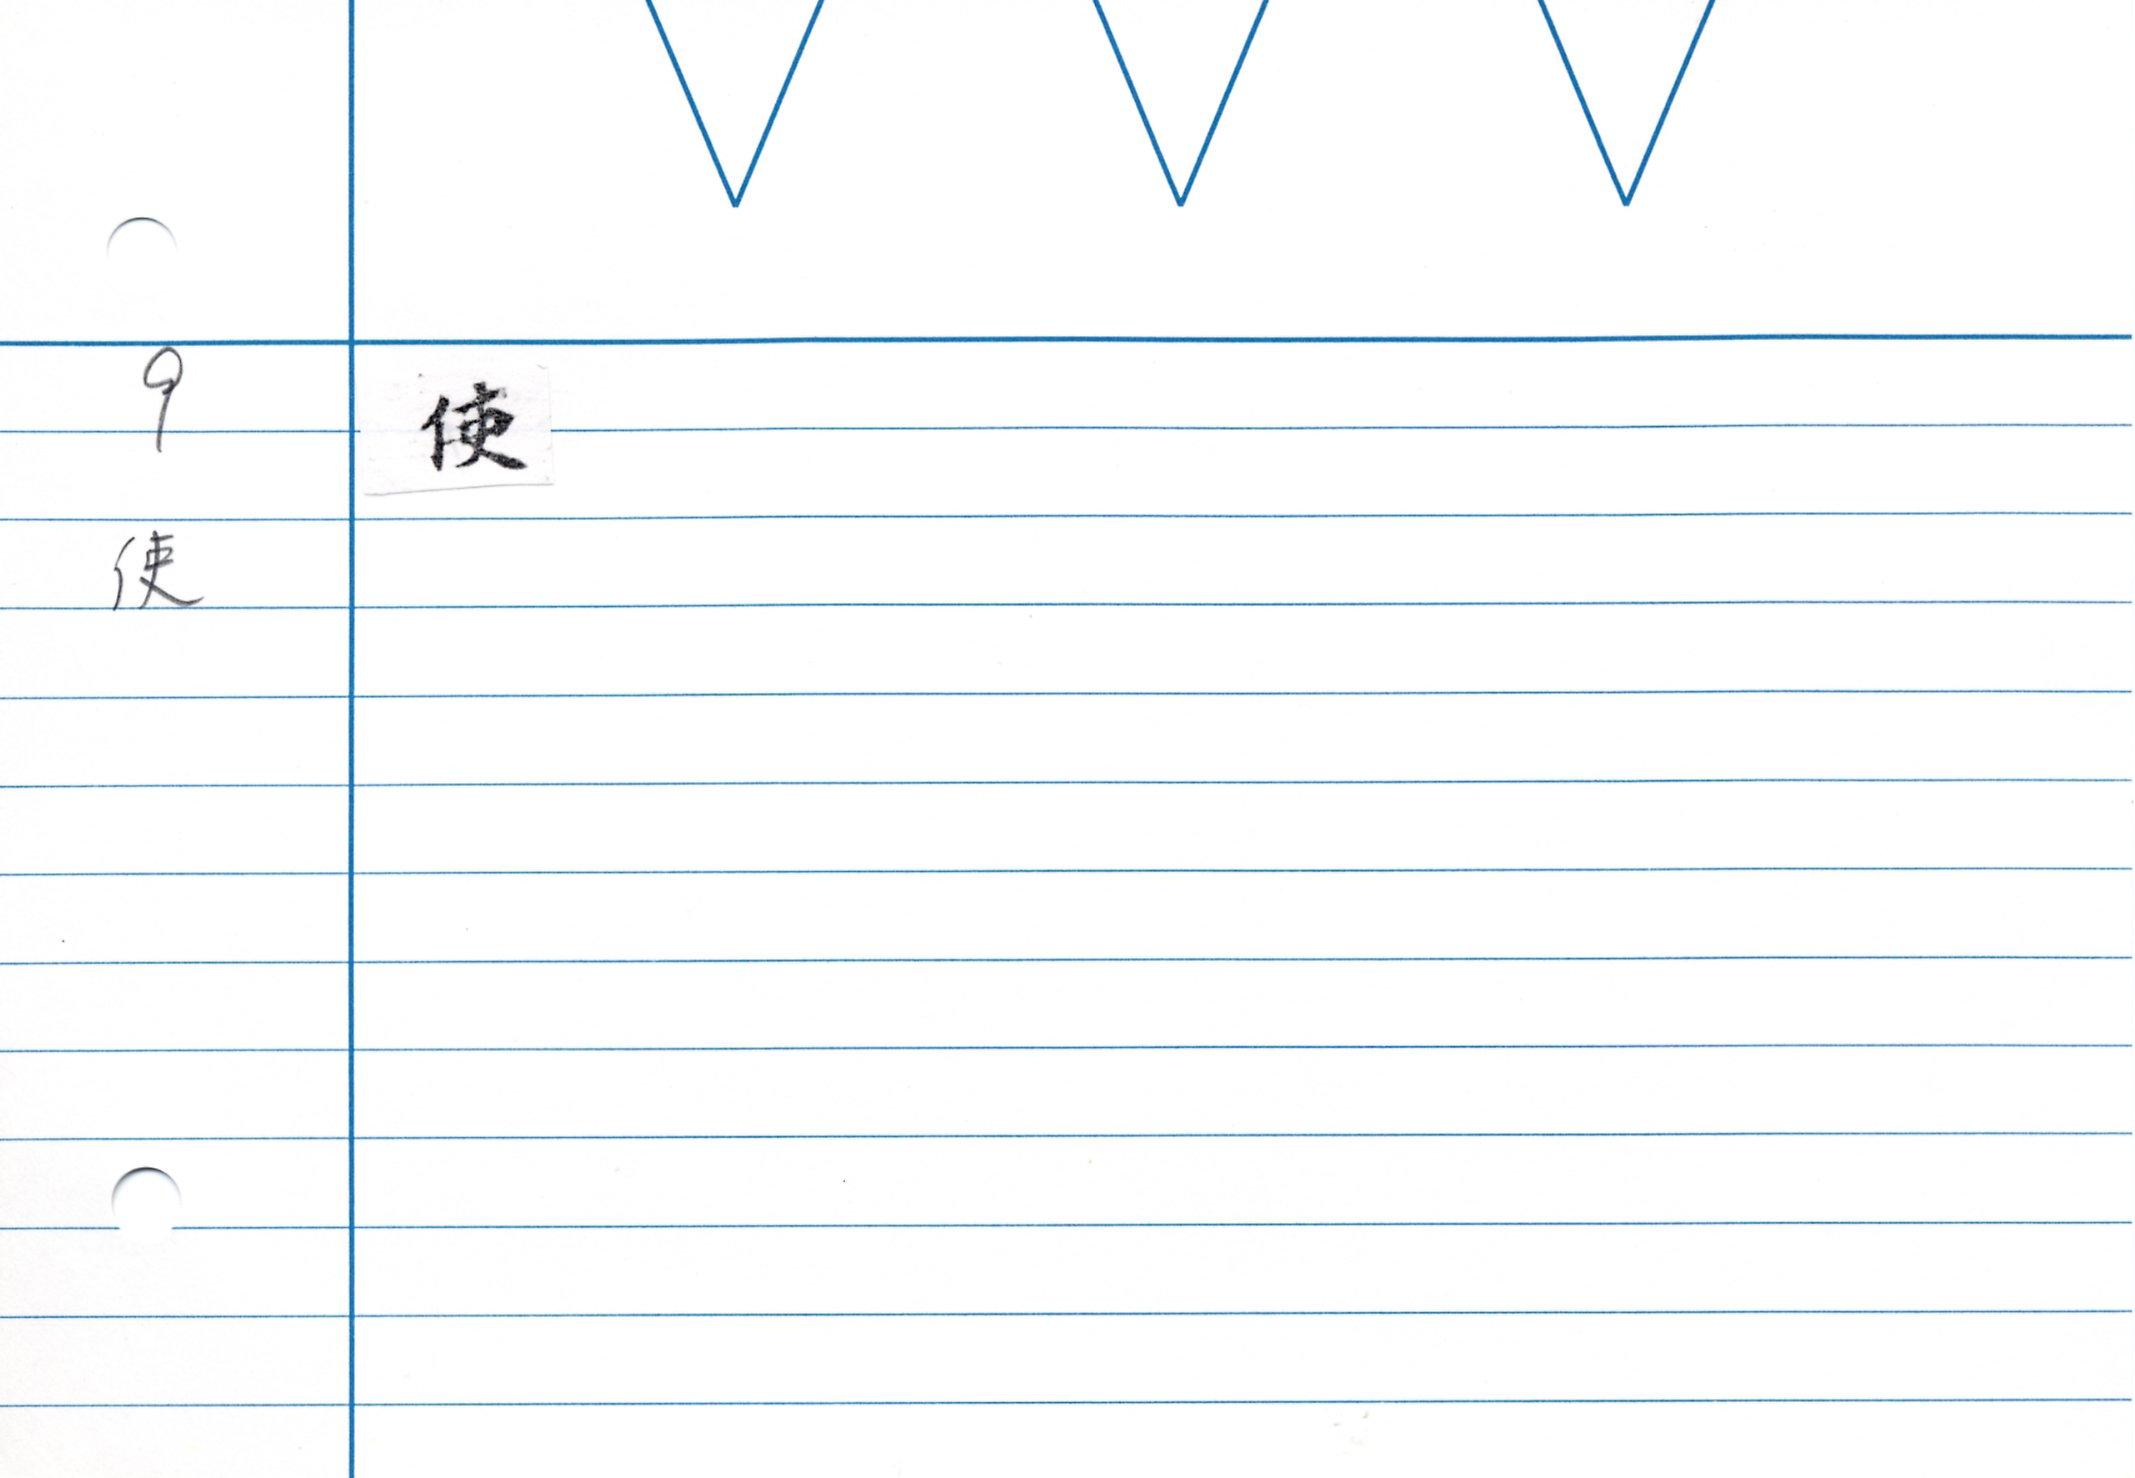 57_金剛大教王經卷一(高山寺本)/cards/0007.jpg